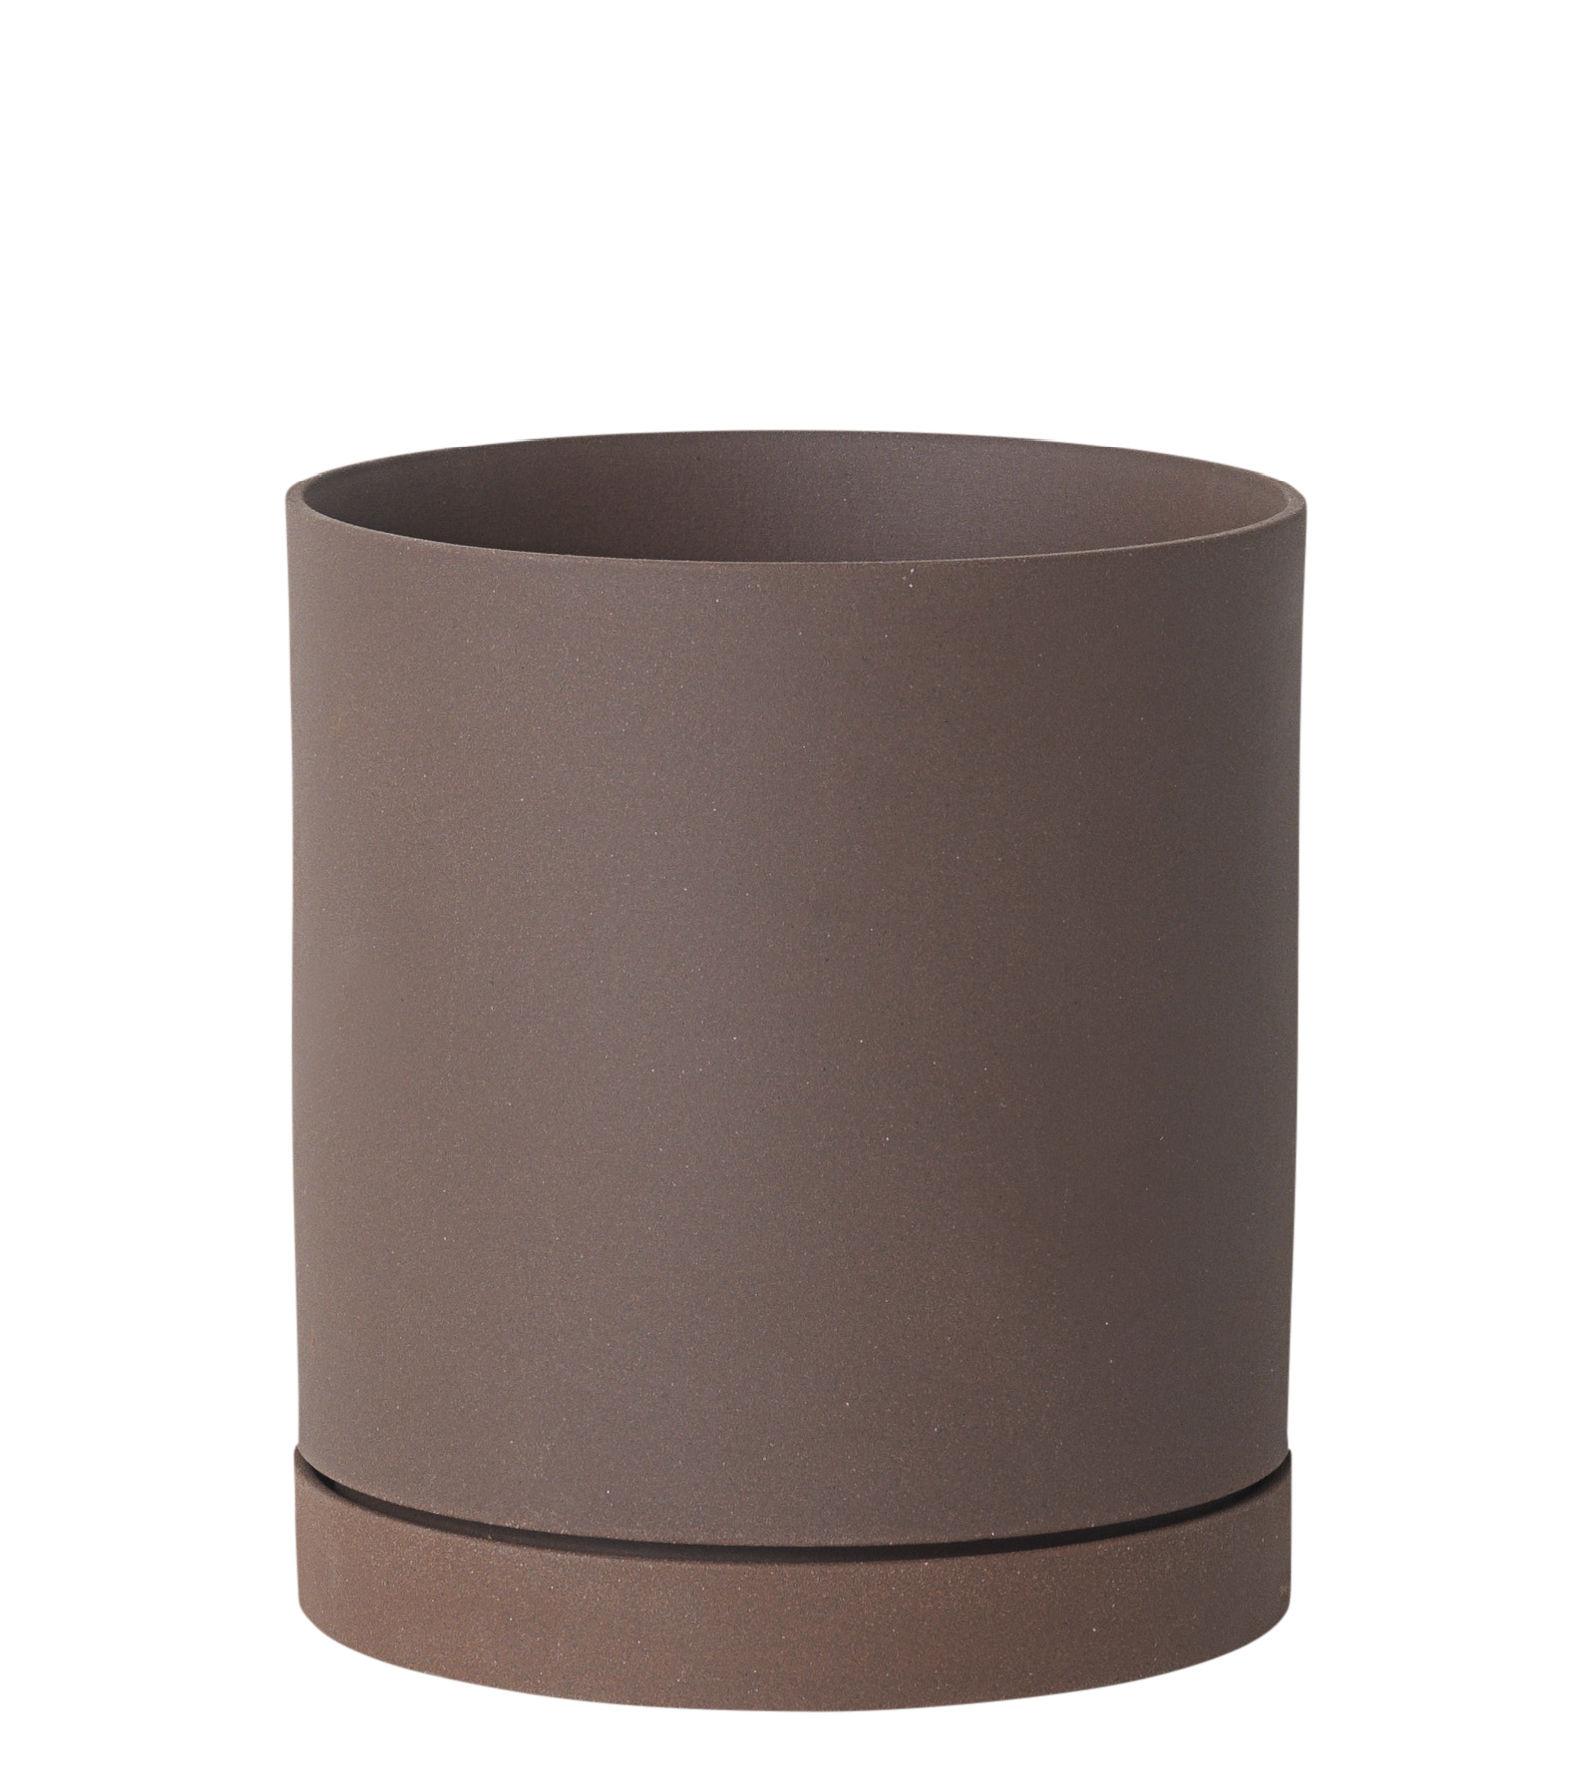 Outdoor - Töpfe und Pflanzen - Sekki Large Blumentopf / Ø 15,7 cm x H 17,7 cm - Steinzeug - Ferm Living - Rost - Sandstein